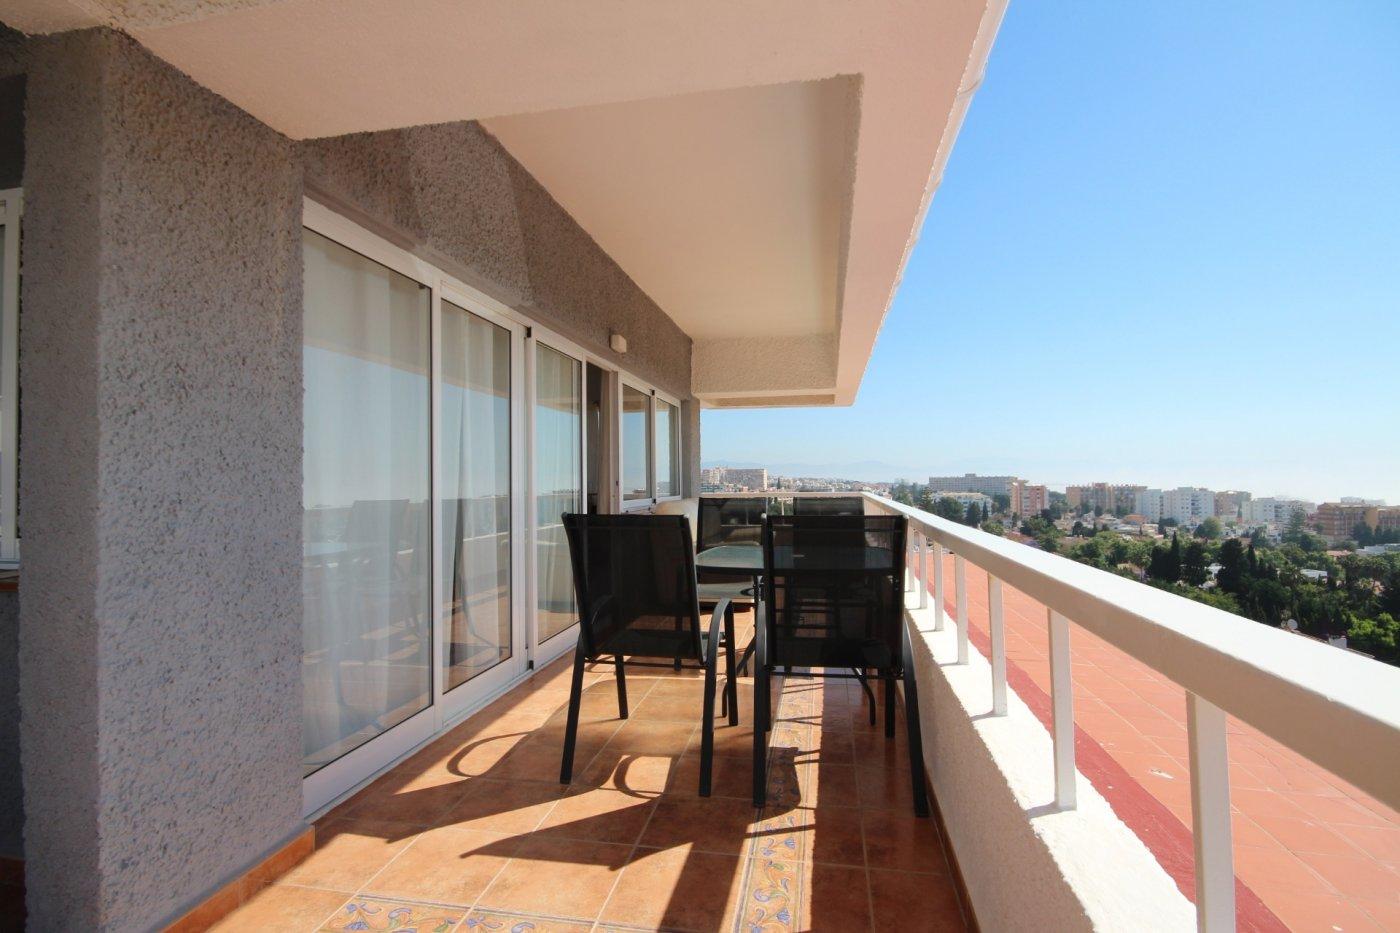 Apartamento con vistas panorámicas al mar - imagenInmueble0